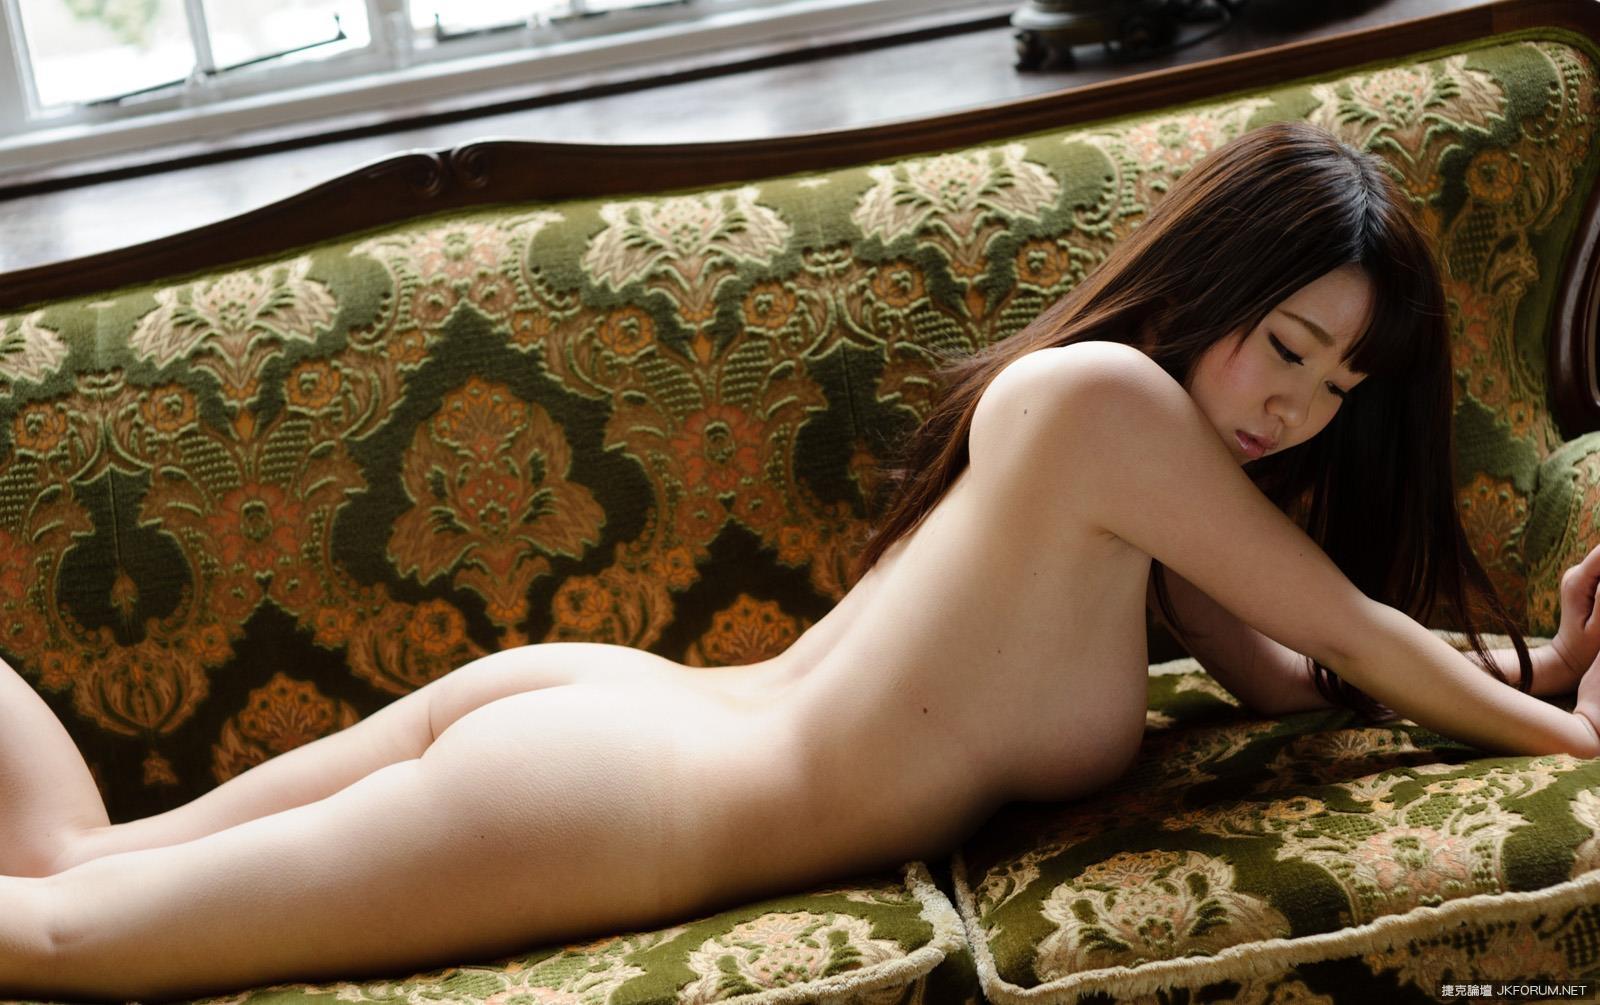 yumeno-aika-1119_046.jpg